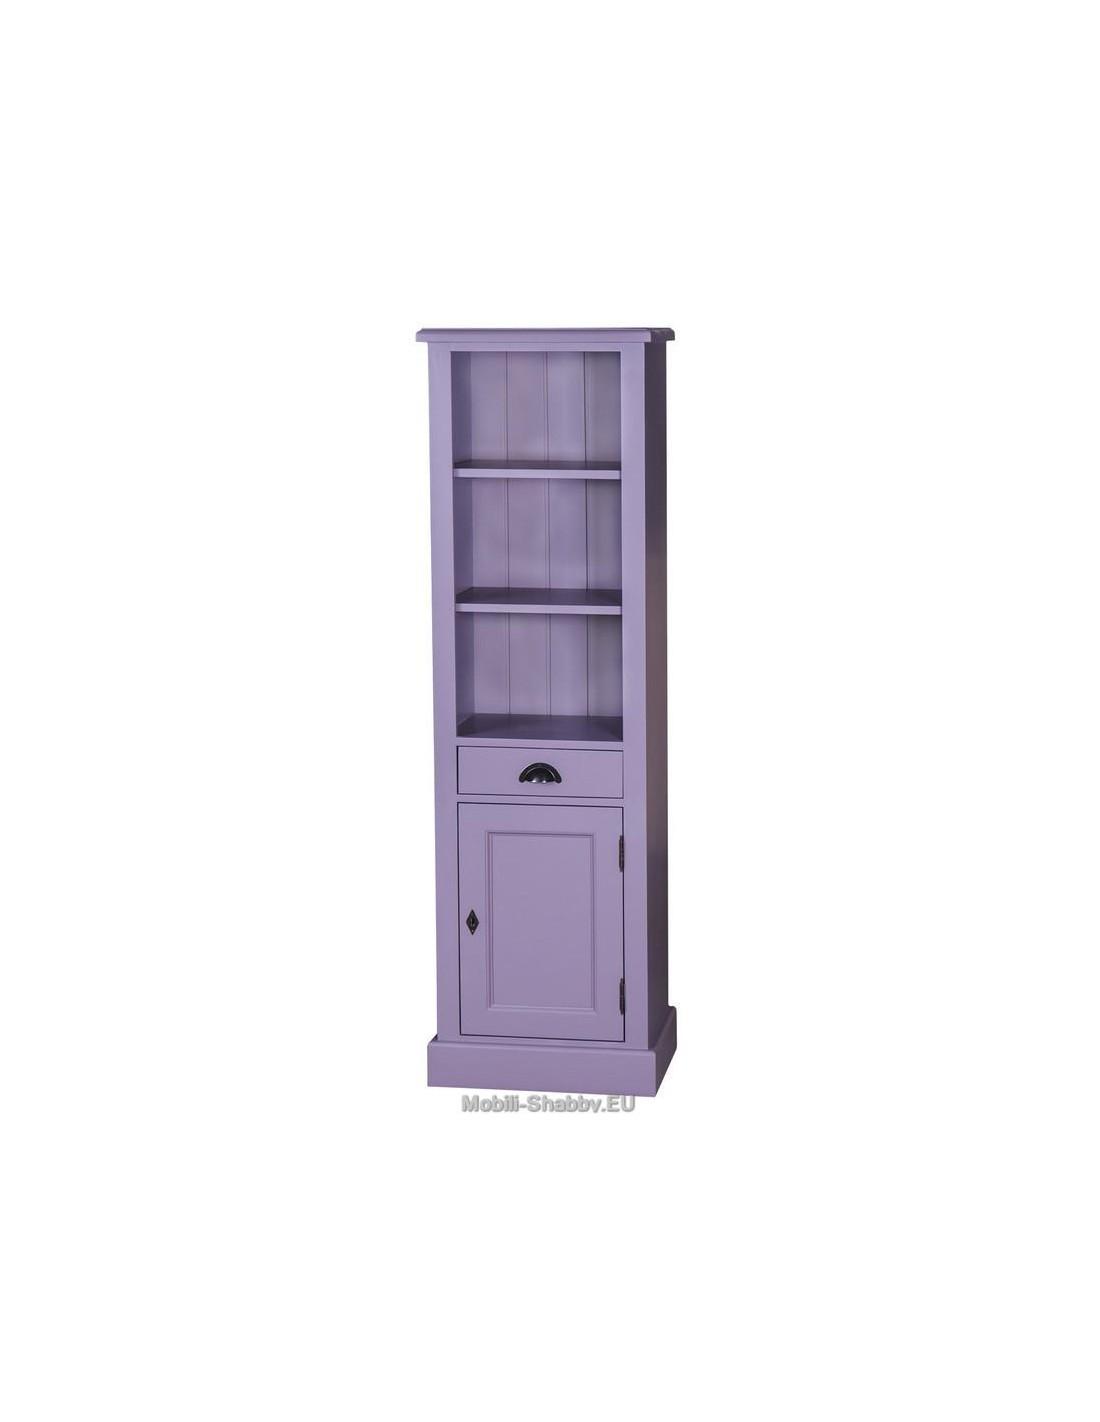 mobile bagno colonna provenzale colorata MS420 - Mobili-Shabby.EU ...